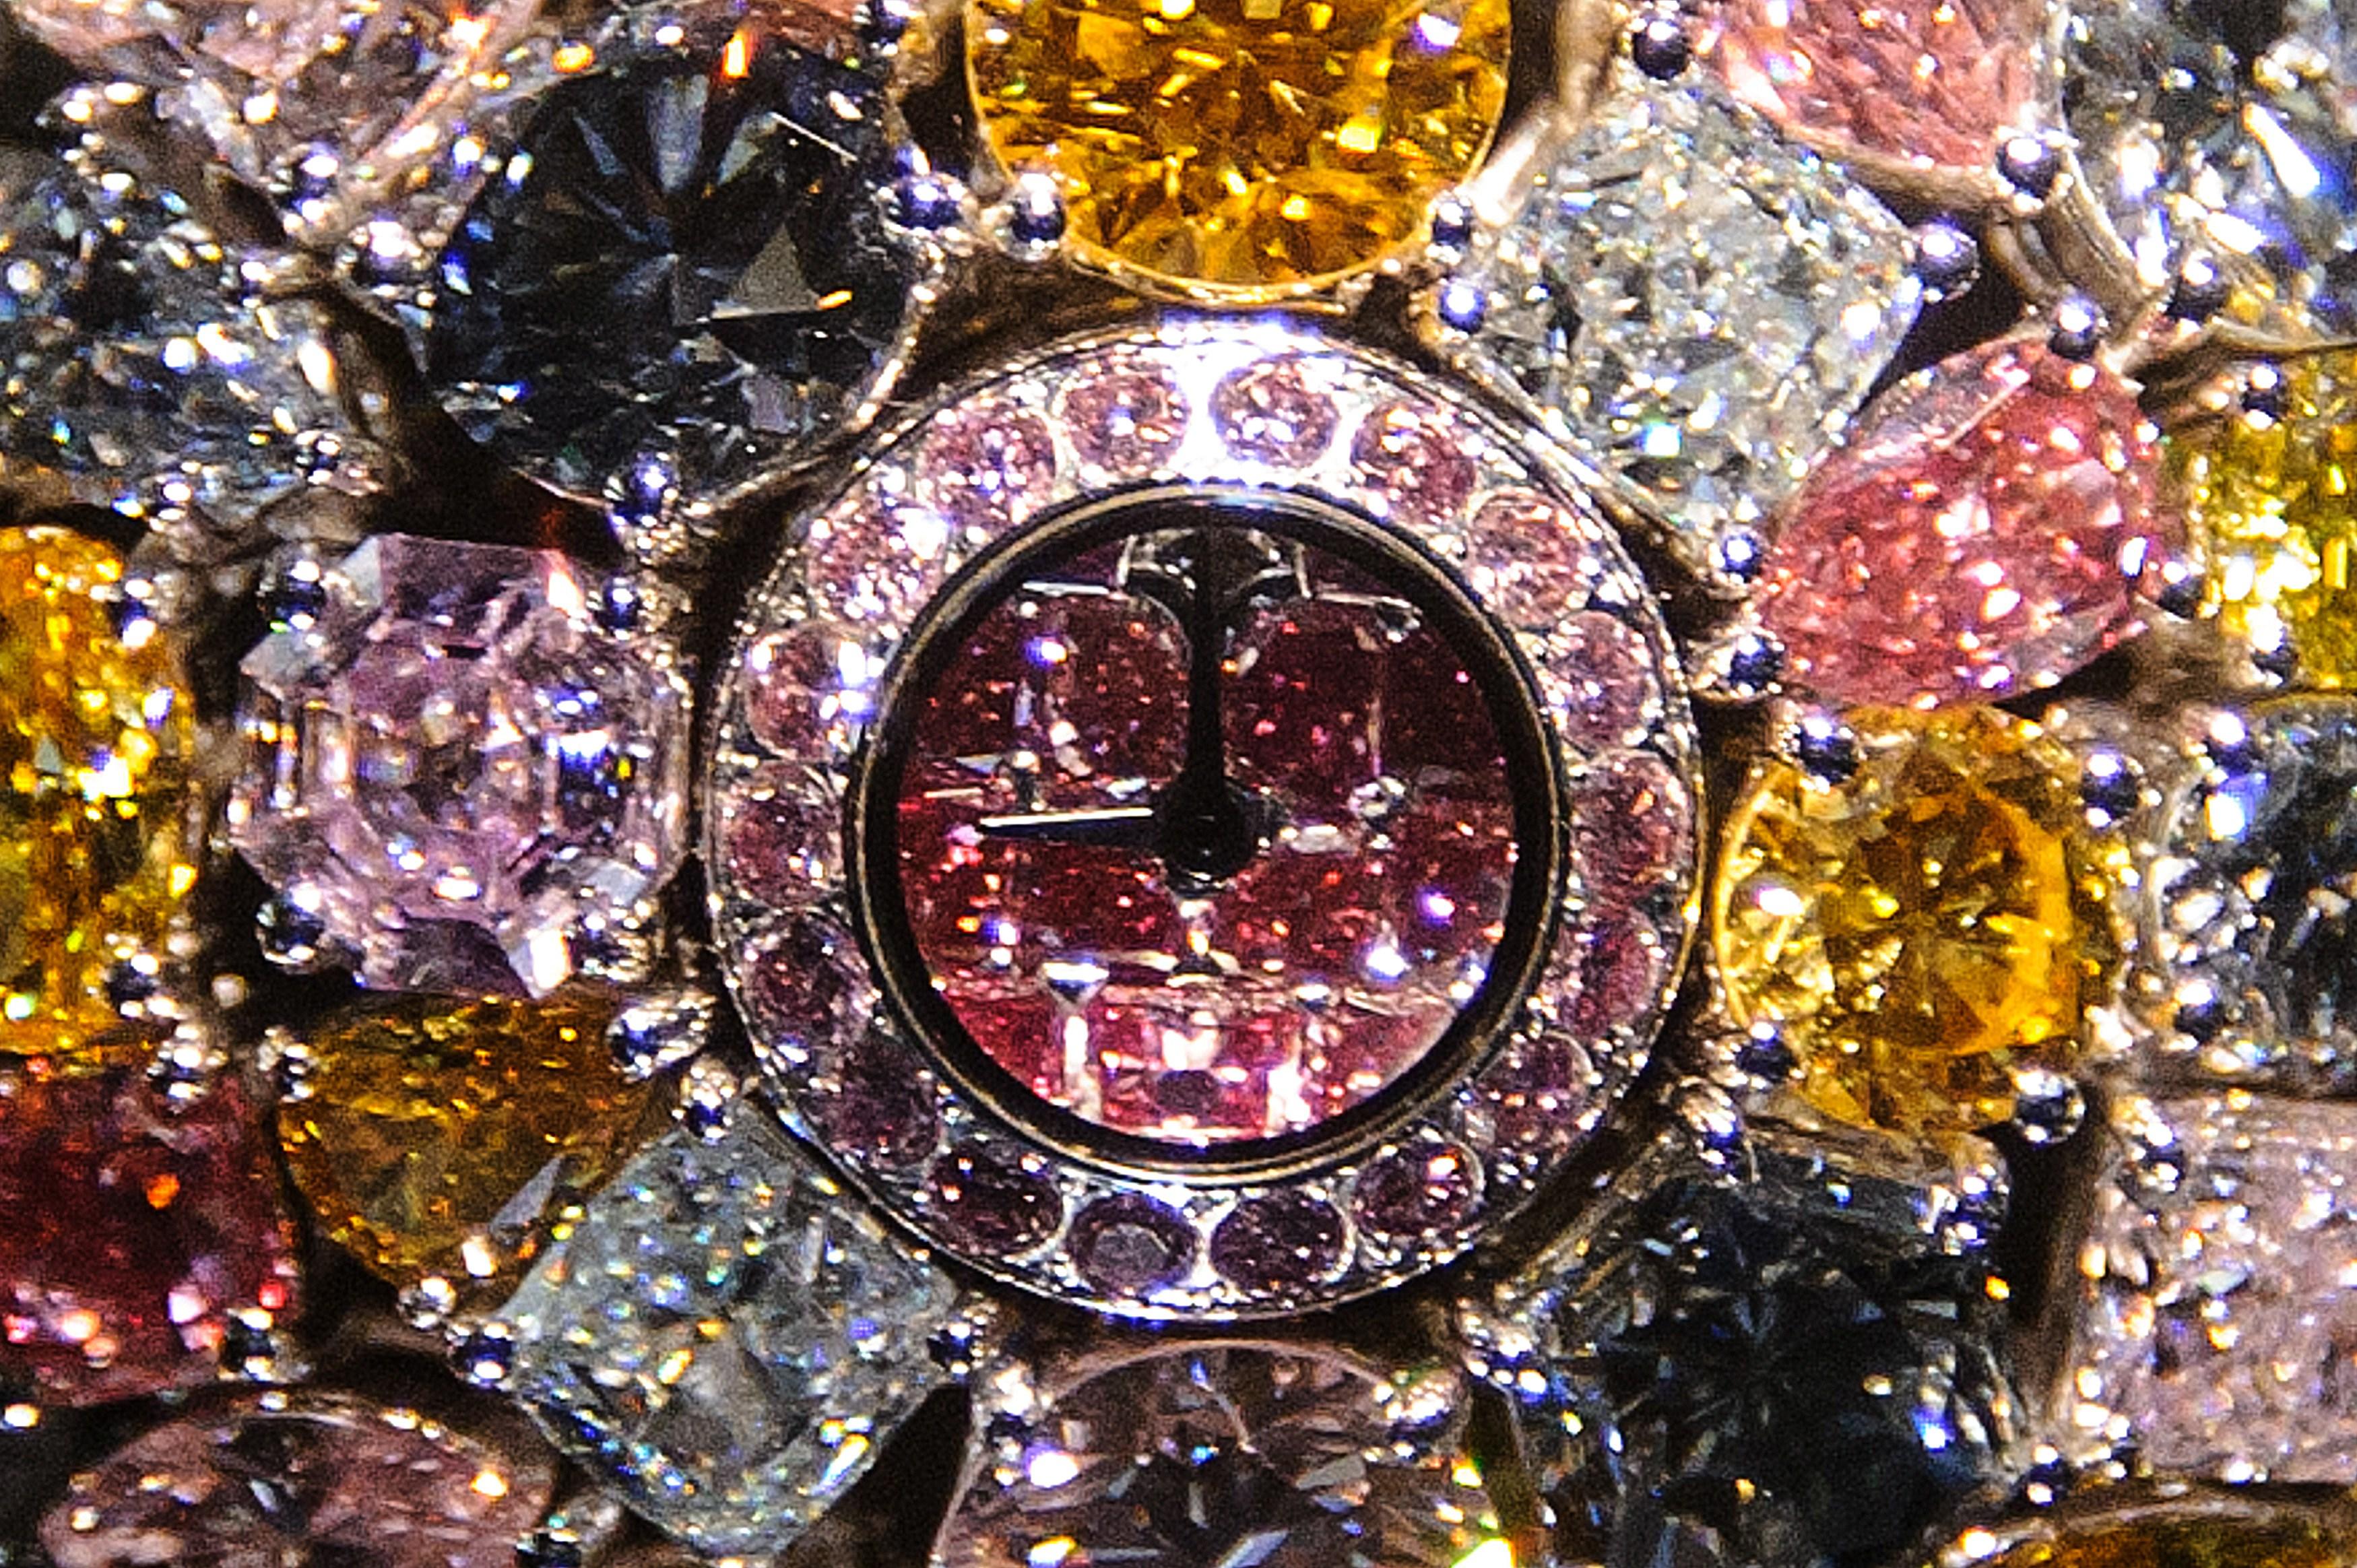 Hallucination, l'orologio più caro del mondo costa 55 milioni di dollari (FOTO)